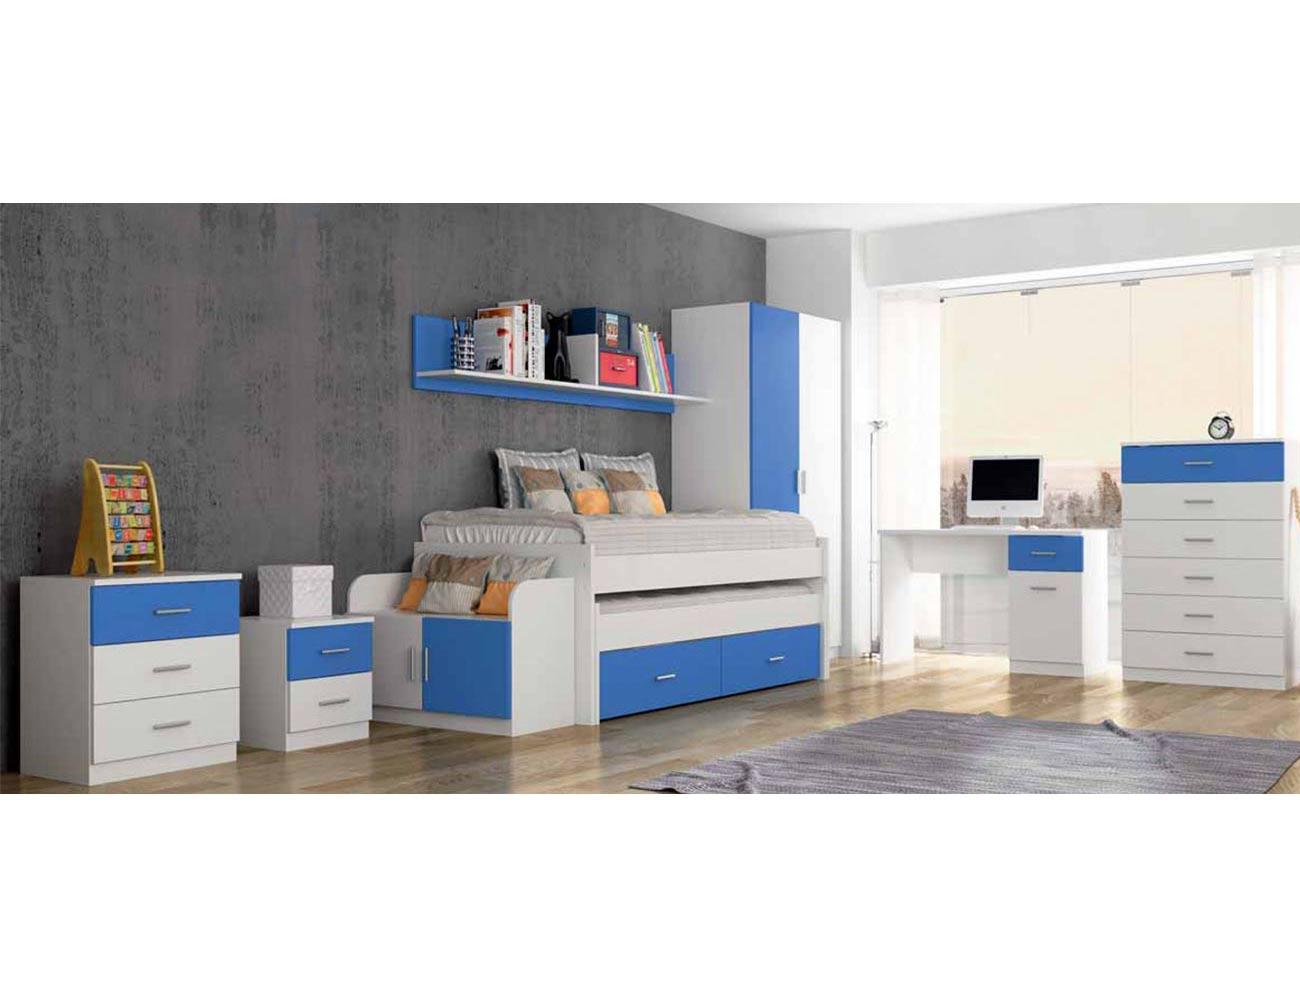 Dormitorio juvenil comodin mesita noche banqueta estanteria cama compacto nido mesa estudio sinfonier armario1